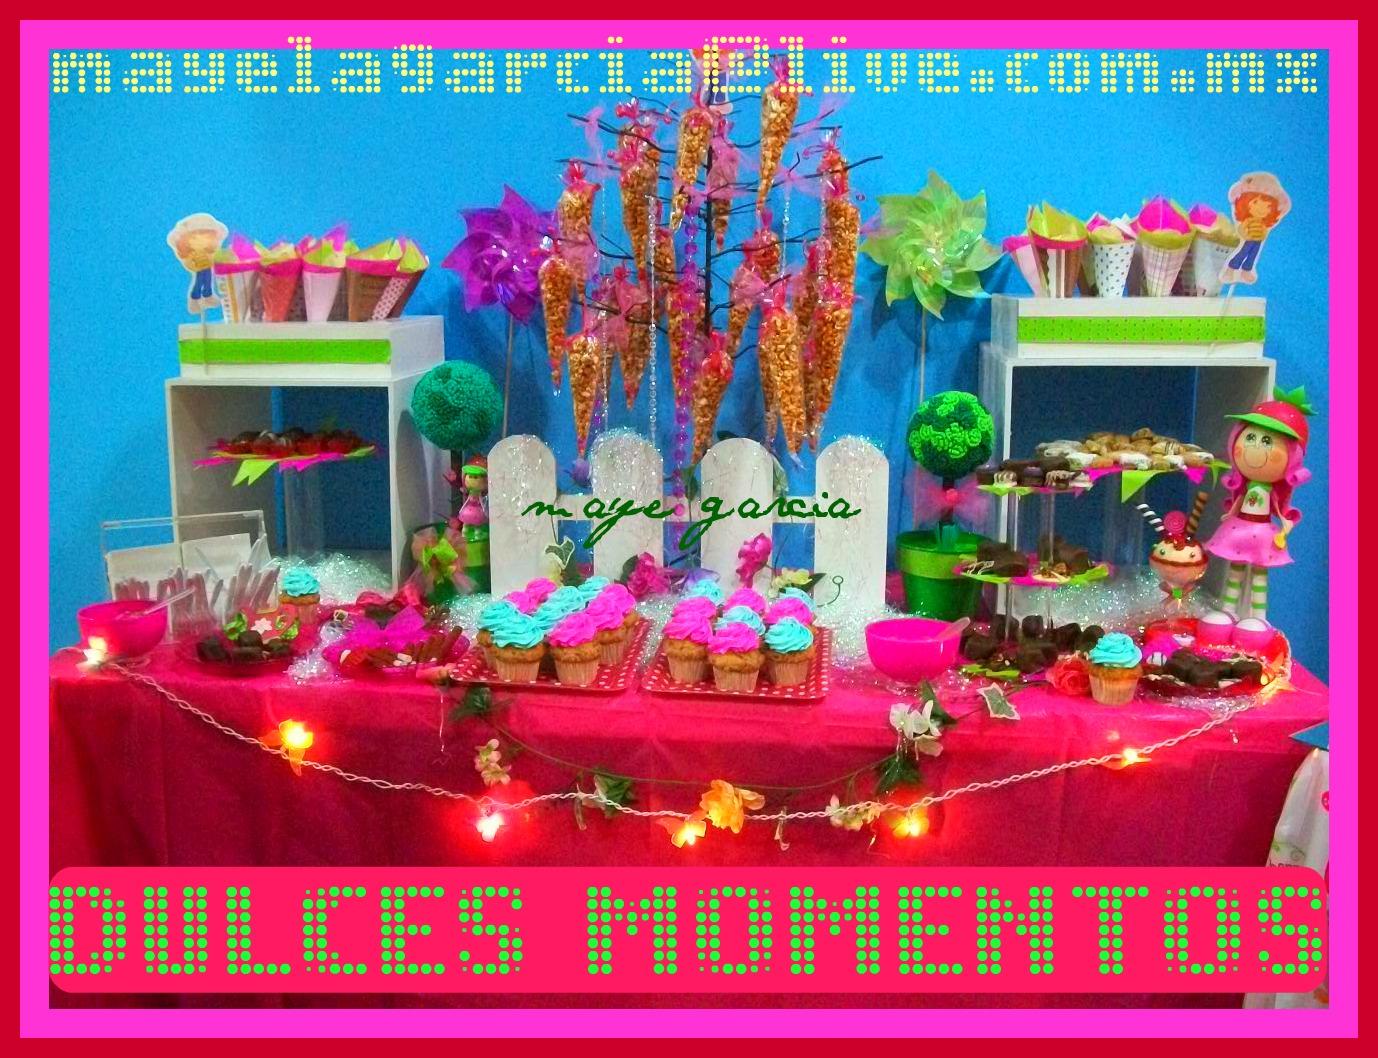 Dulce dulce p3 12358151